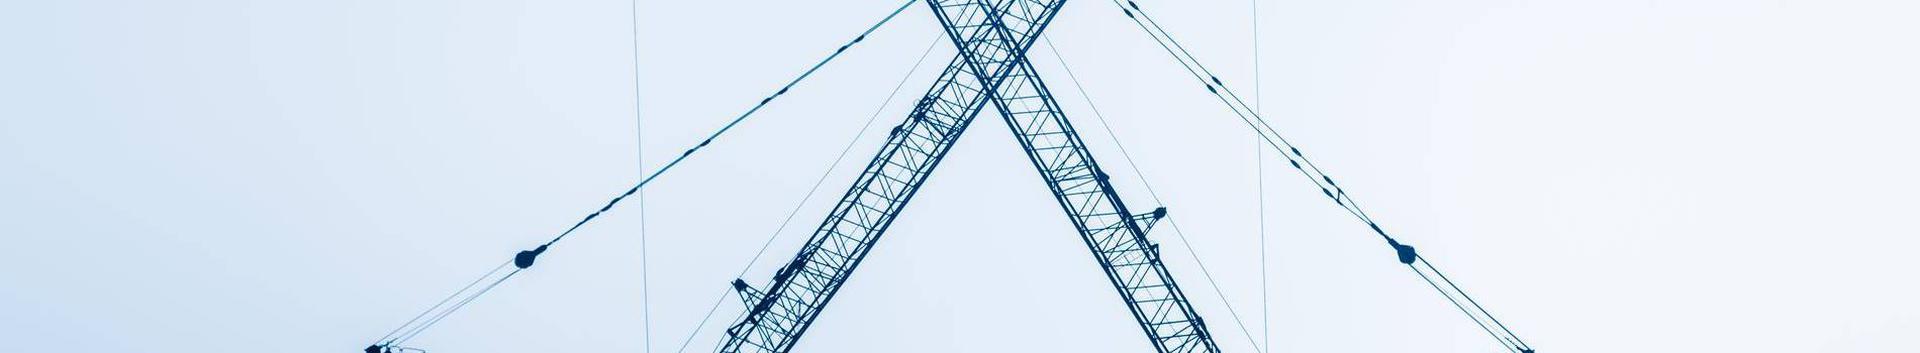 arhitektuuribürood, ekspertiisid, sertifitseerimine, maaparandus, projekteerimine, projekteerimisfirmad, teede- ja sillaehitus, Arhitektuuri-, insener-tehnilise projekteerimise ja maamõõtmisteenused, Ehitusjärelevalveteenused, Arhitektuuri-, insener-tehnilise projekteerimise ja planeerimisteenused